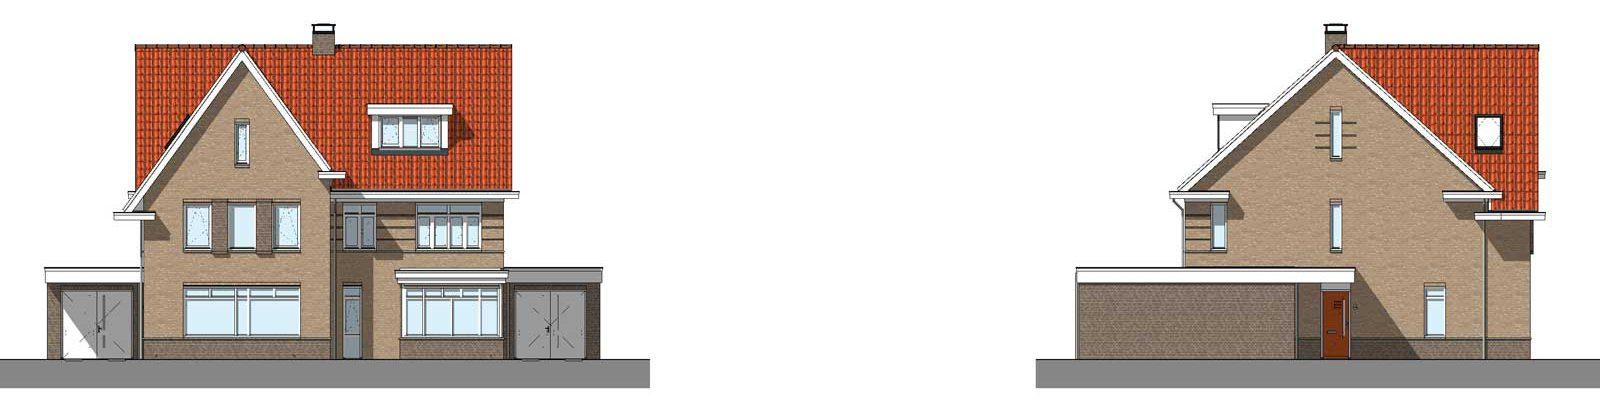 gevelaanzicht type G1 en G2 - De Jonge Veenen 2 Moerkapelle